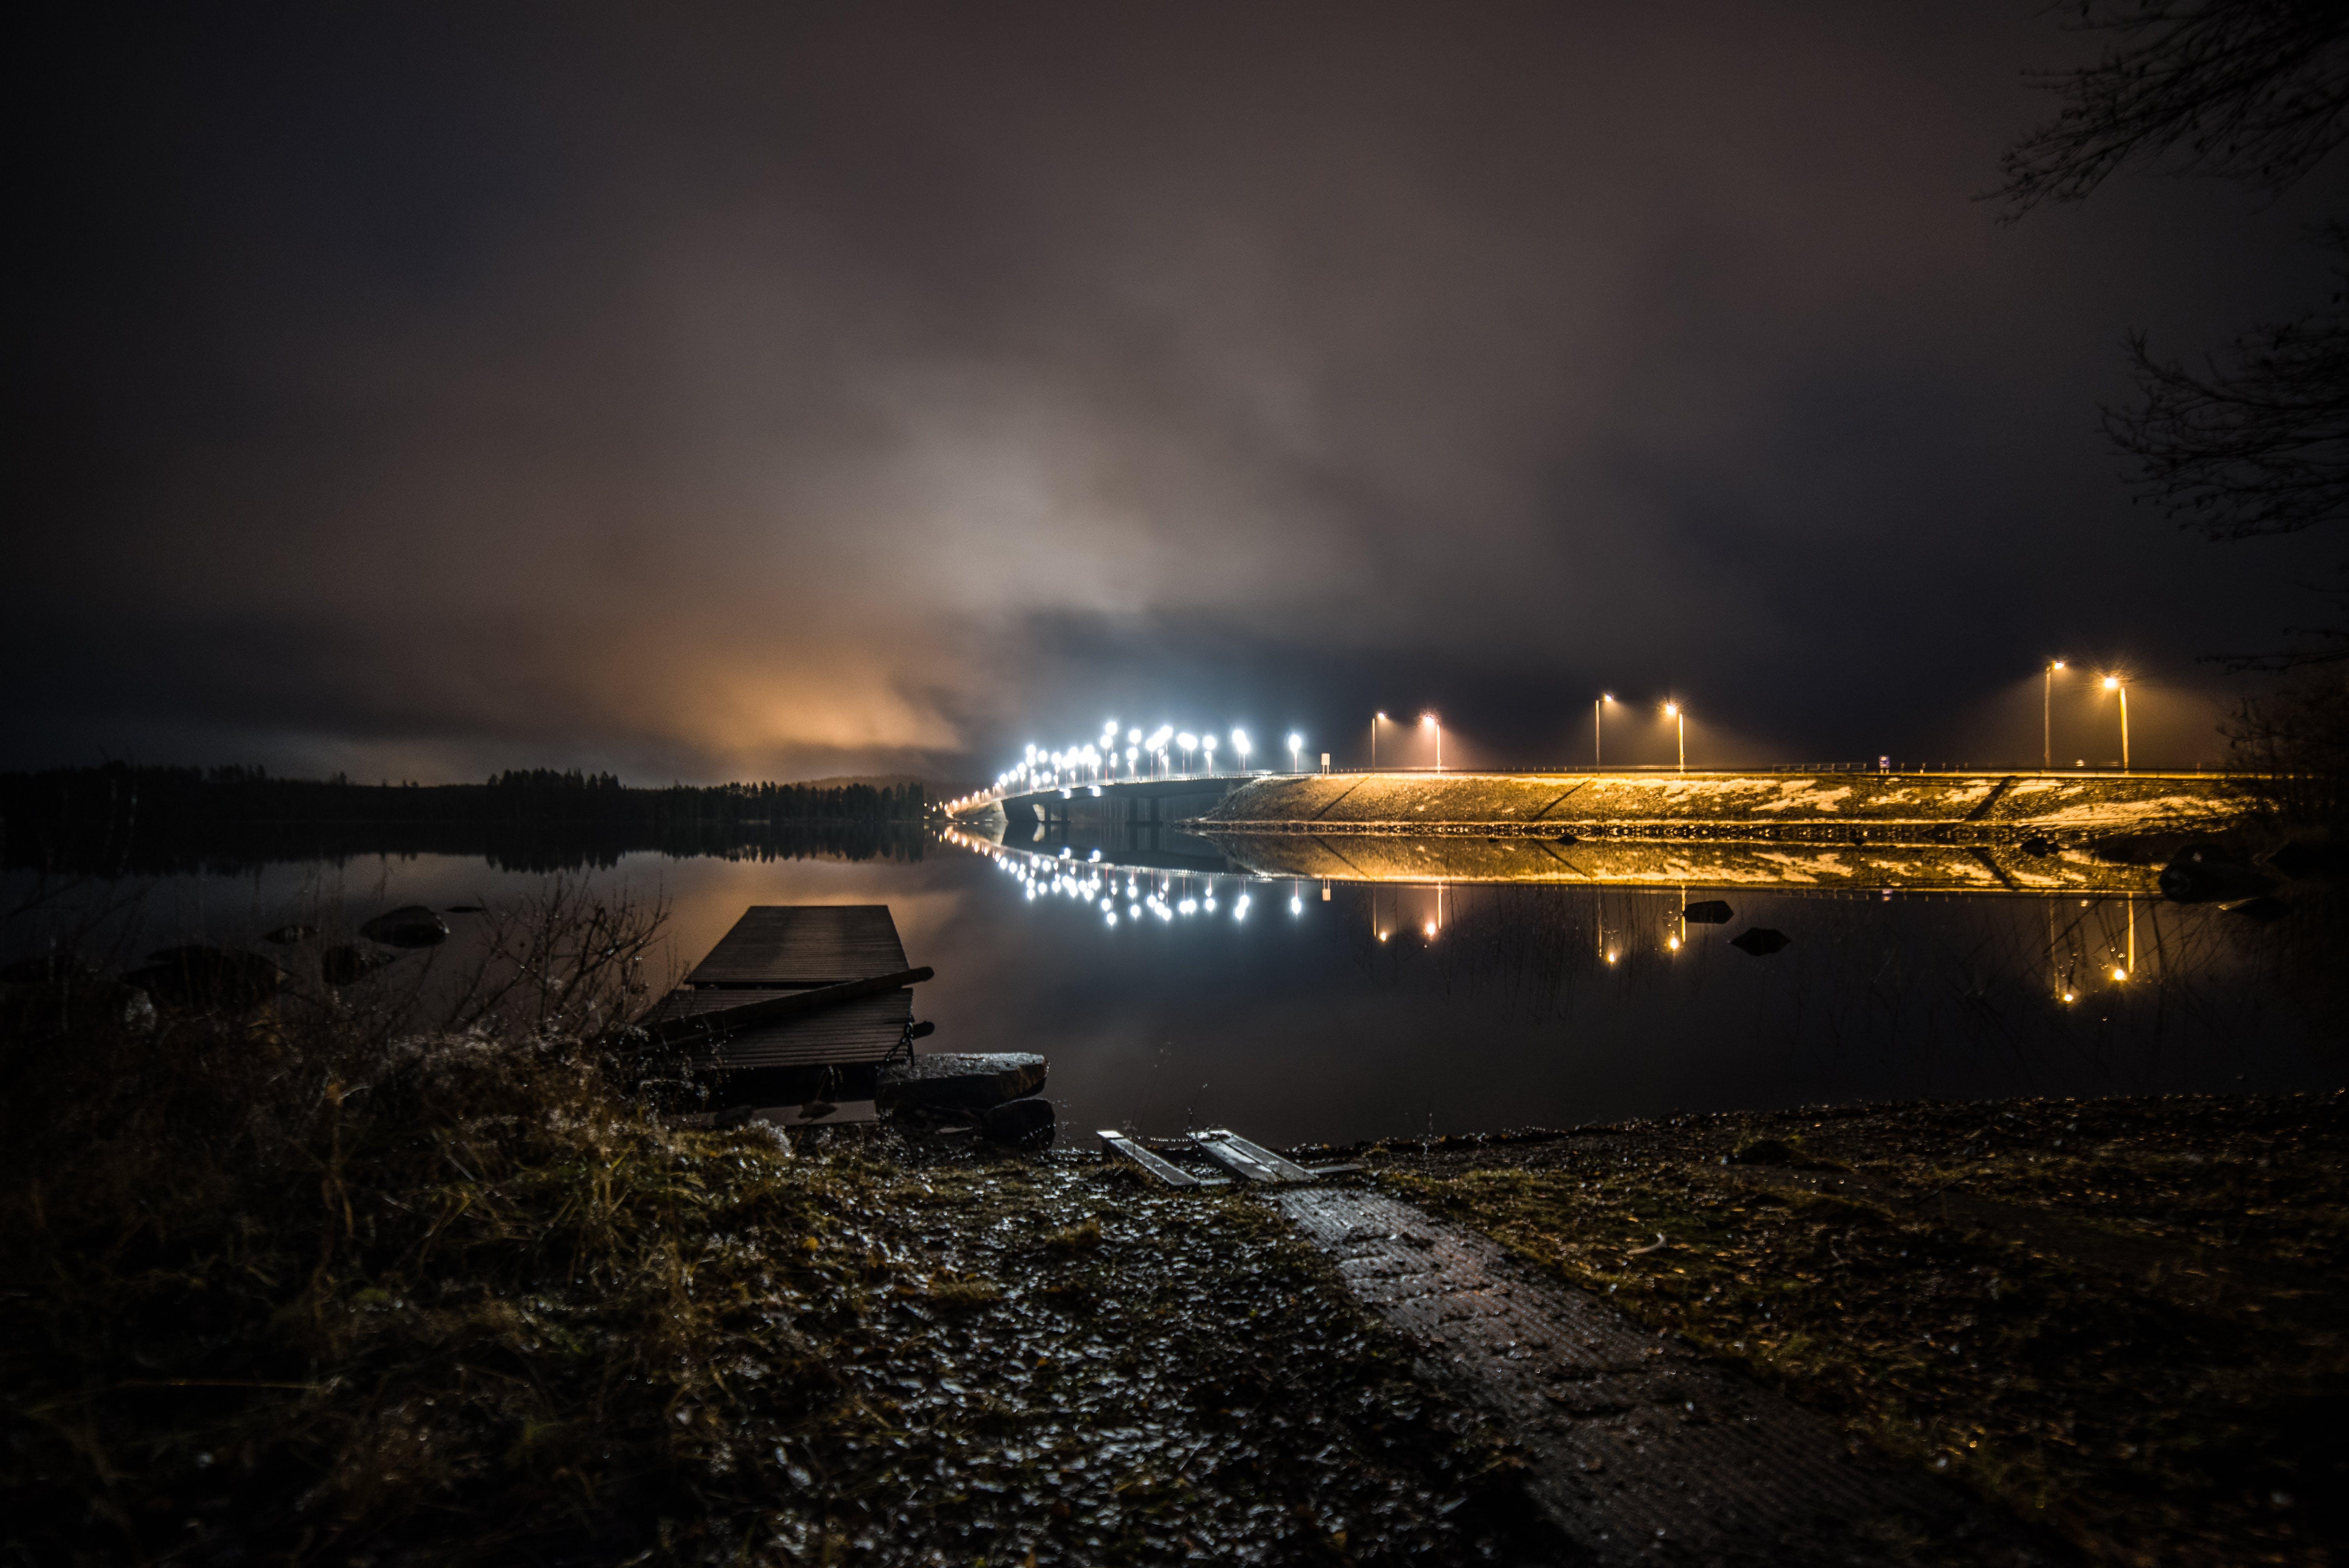 Kostenloses Stock Foto zu abend, beleuchtung, brücke, dunkel